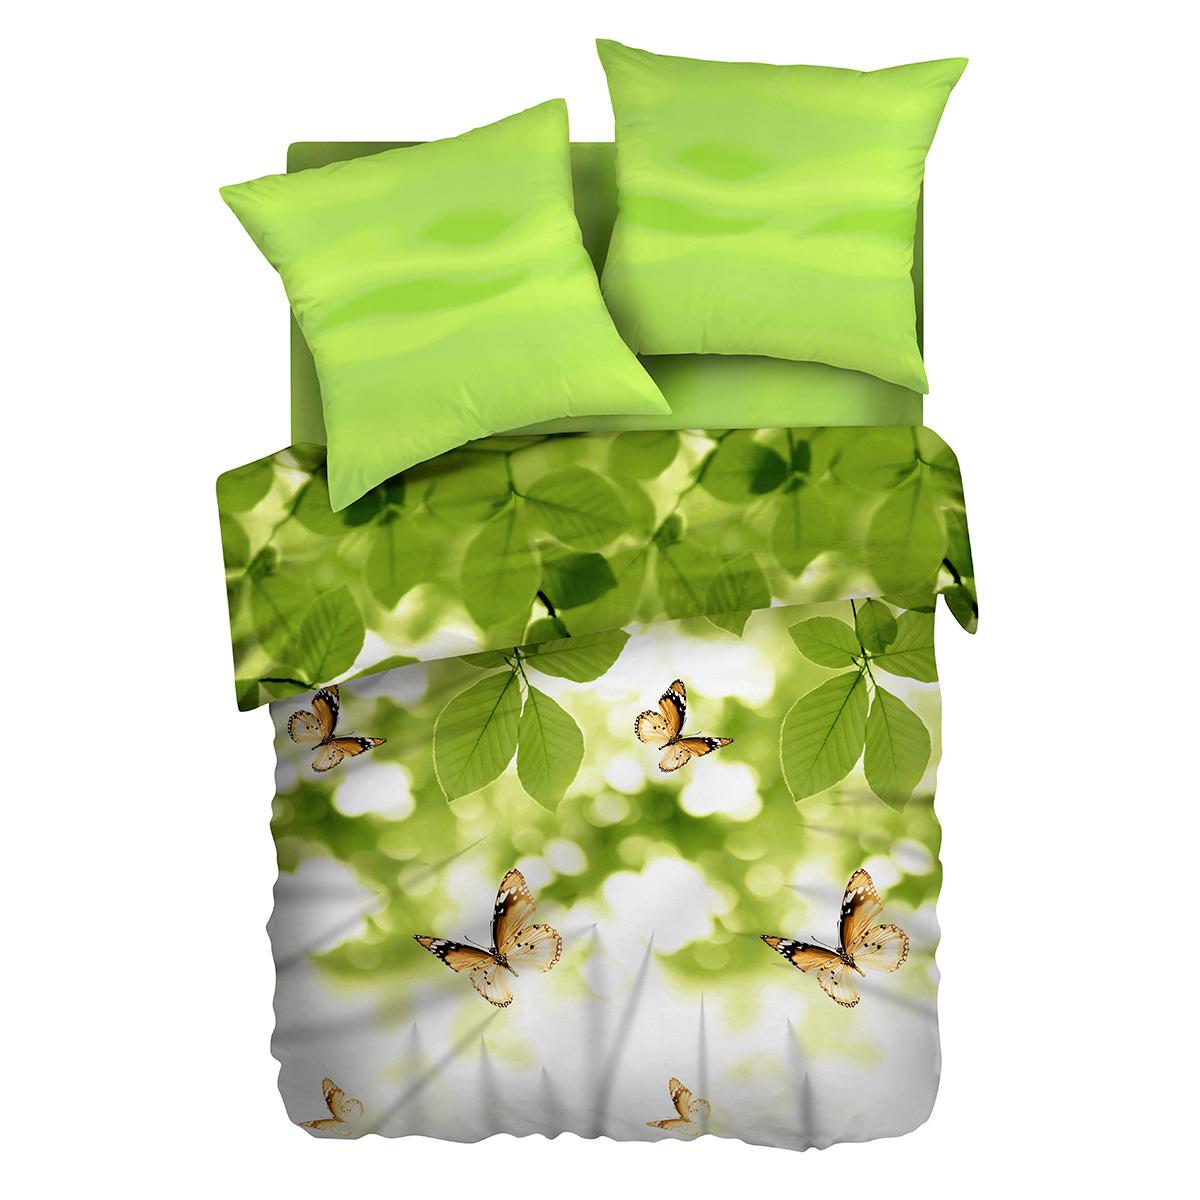 Комплект белья Романтика Бабочка желаний, 1,5-спальный, наволочки 70х70391602Бязевое постельное белье состоит из 100% хлопка самого простого полотняного переплетения из достаточно толстых, но мягких нитей. Стоит постельное белье из этой ткани не намного дороже поликоттона или полиэфира, но приятней на ощупь и лучше пропускают воздух. Благодаря современным технологиям окраски, простыни не теряют свой цвет даже после множества стирок. По своим свойствам бязь уступает сатину, что окупается низкой стоимостью и неприхотливостью в уходе. Атмосфера любви и гармонии в вашем доме – это Романтика.